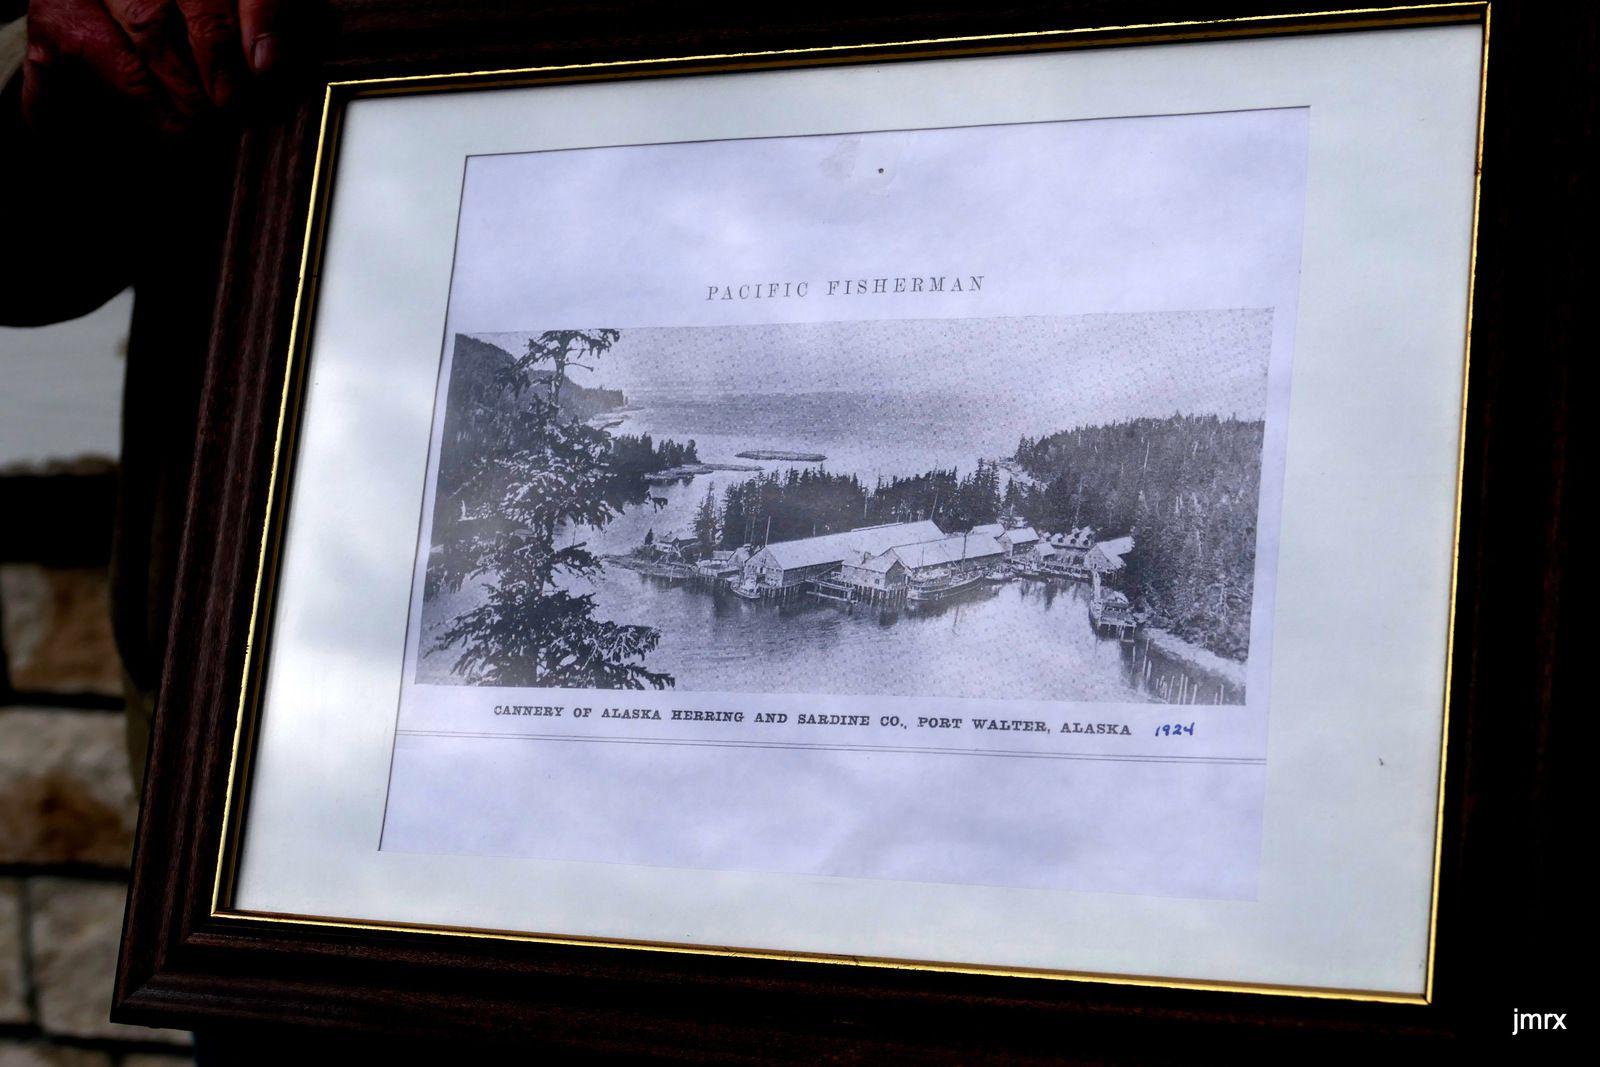 La hatchery de Port Walter (Sud Baranov côte Est). Raymond tente de déchiffrer le numéro de marquage d'un saumon (le biologiste parait inquiet)! Une énorme conserverie se trouvait sur cette pointe il y a  moins d'un siècle: tout a disparu. Le temps a fait son oeuvre.